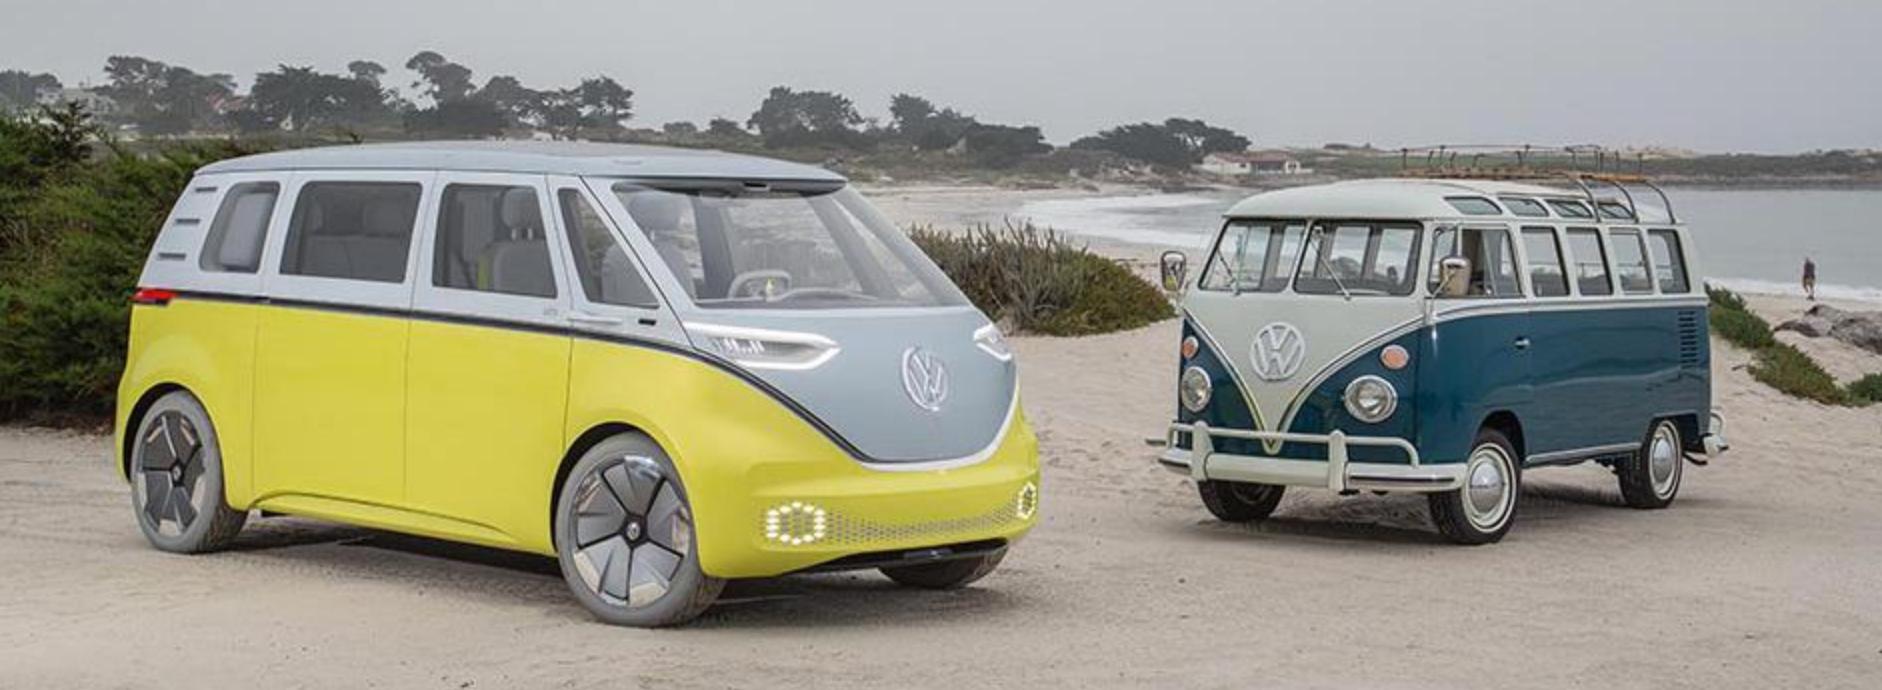 combi-volkswagen surf plage voiture mer